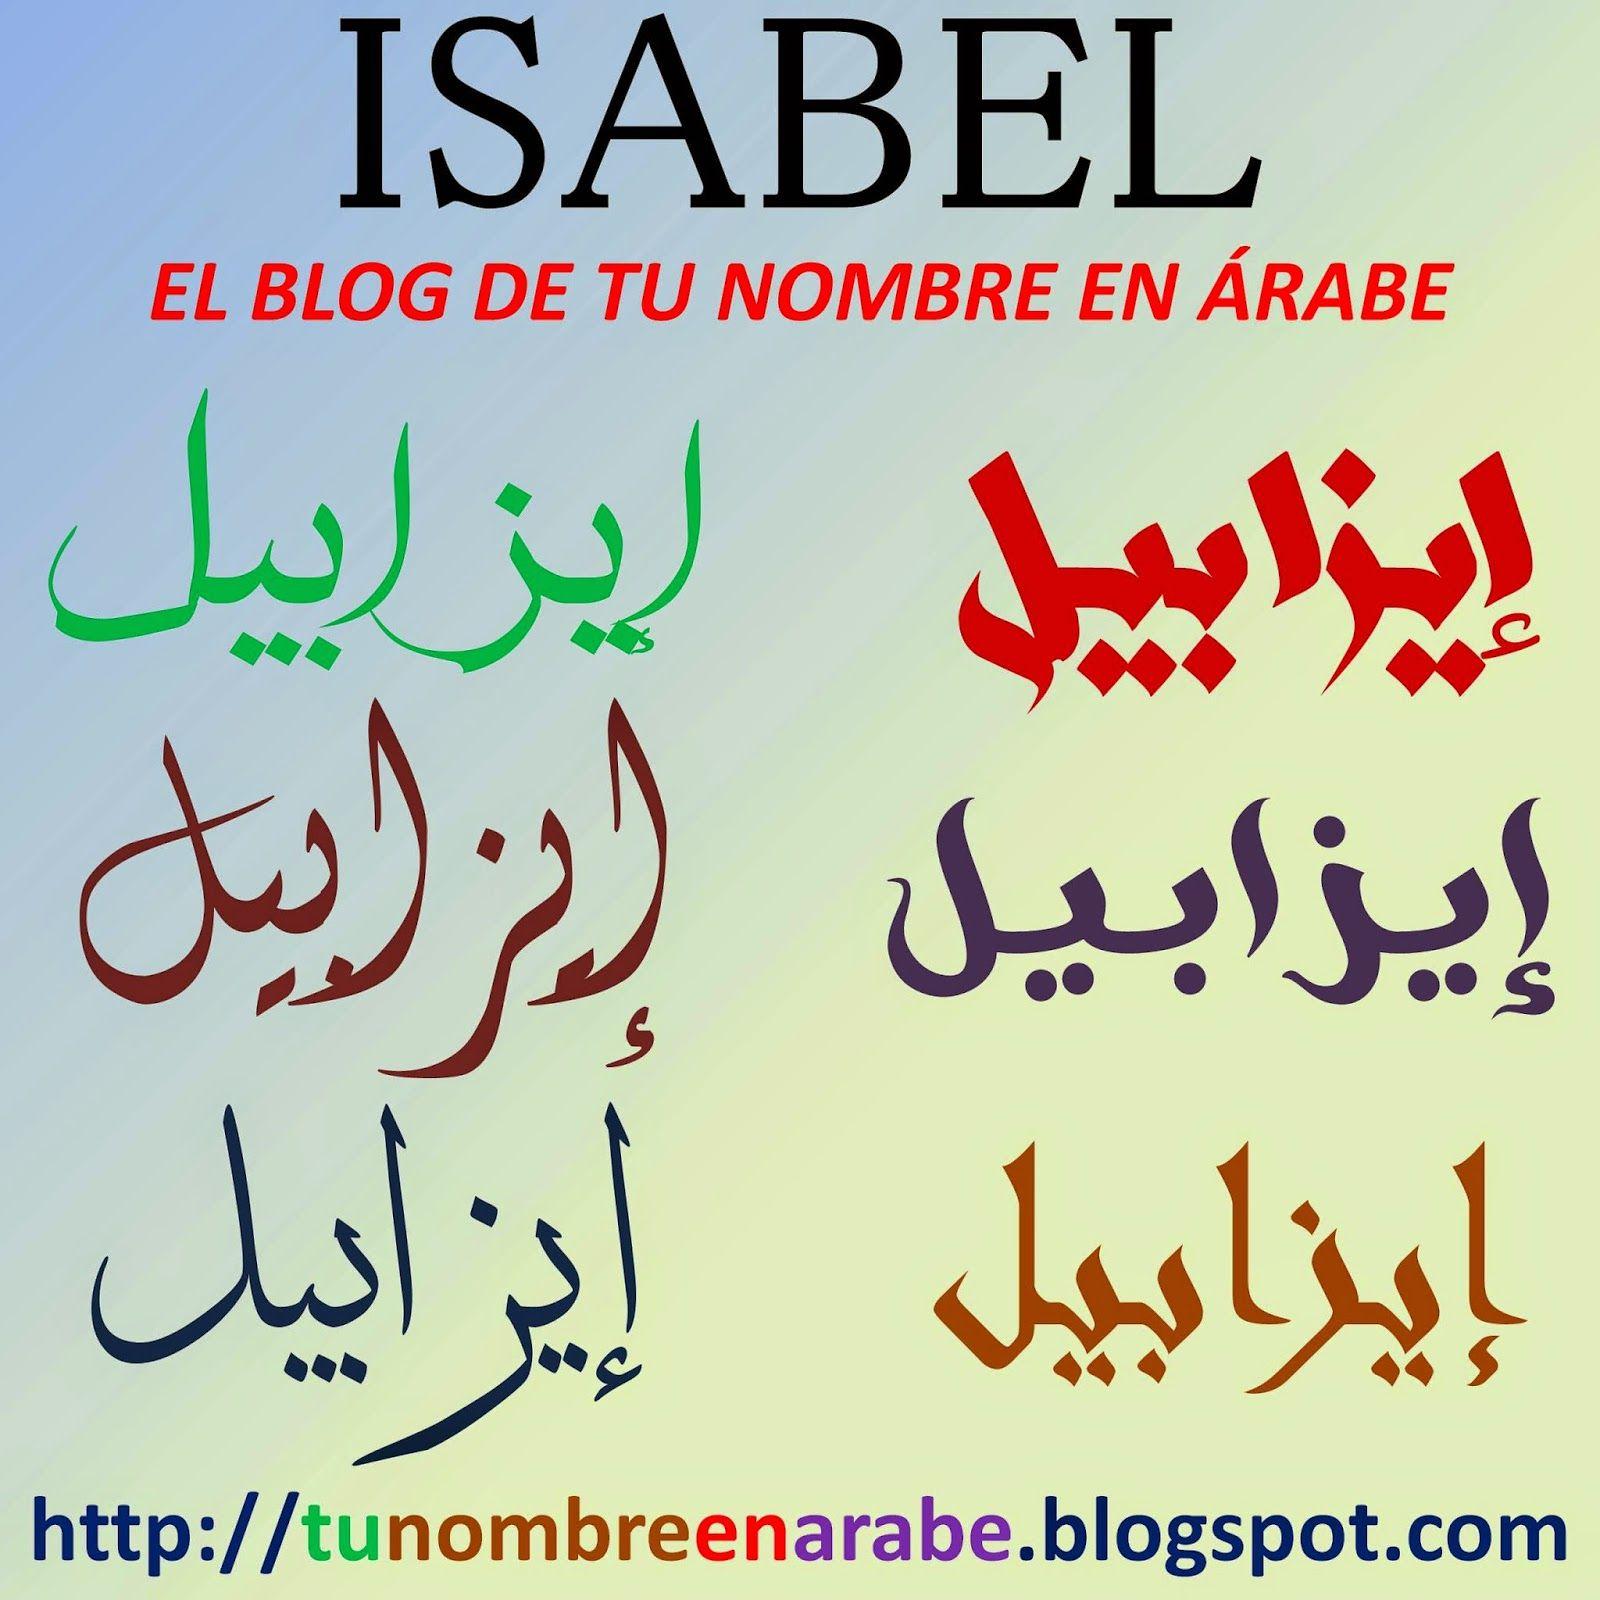 Imagenes De Tu Nombre En Arabe Nombres En Arabe Abecedario